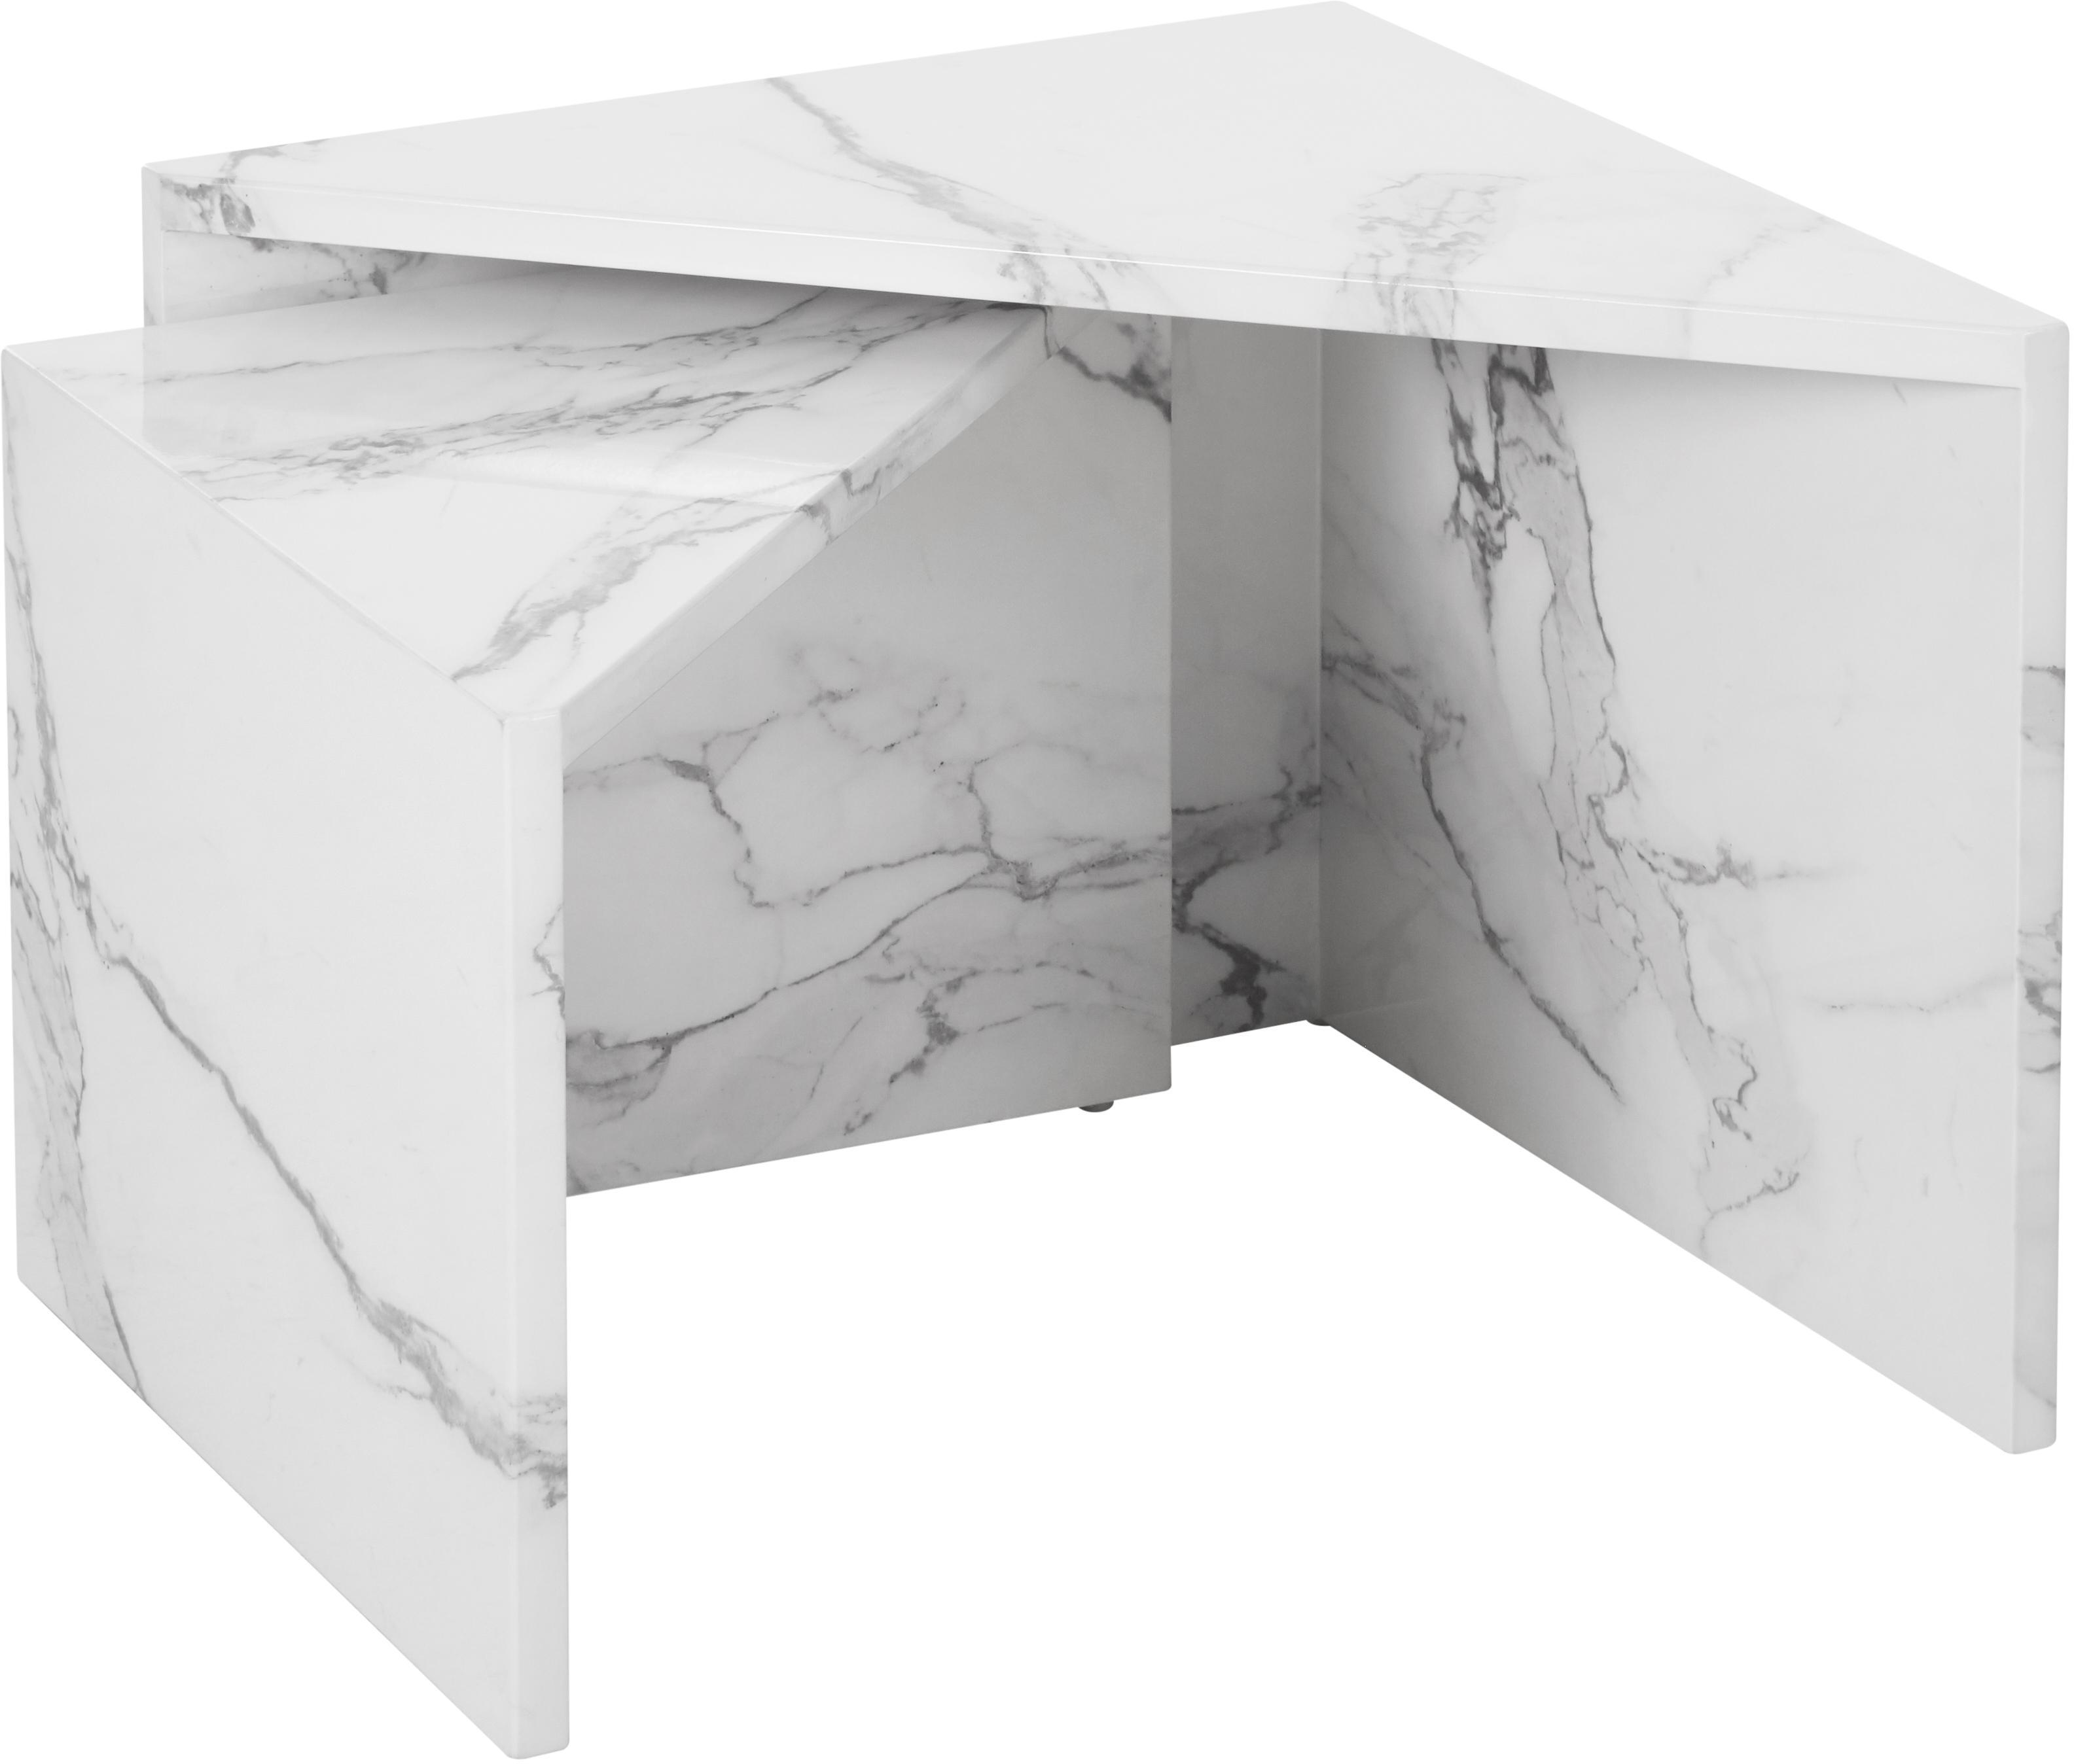 Salontafelset Vilma in marmerlook, 2-delig, MDF bedekt met gelakt papier in marmerlook, Wit, gemarmerd, glanzend, Verschillende formaten